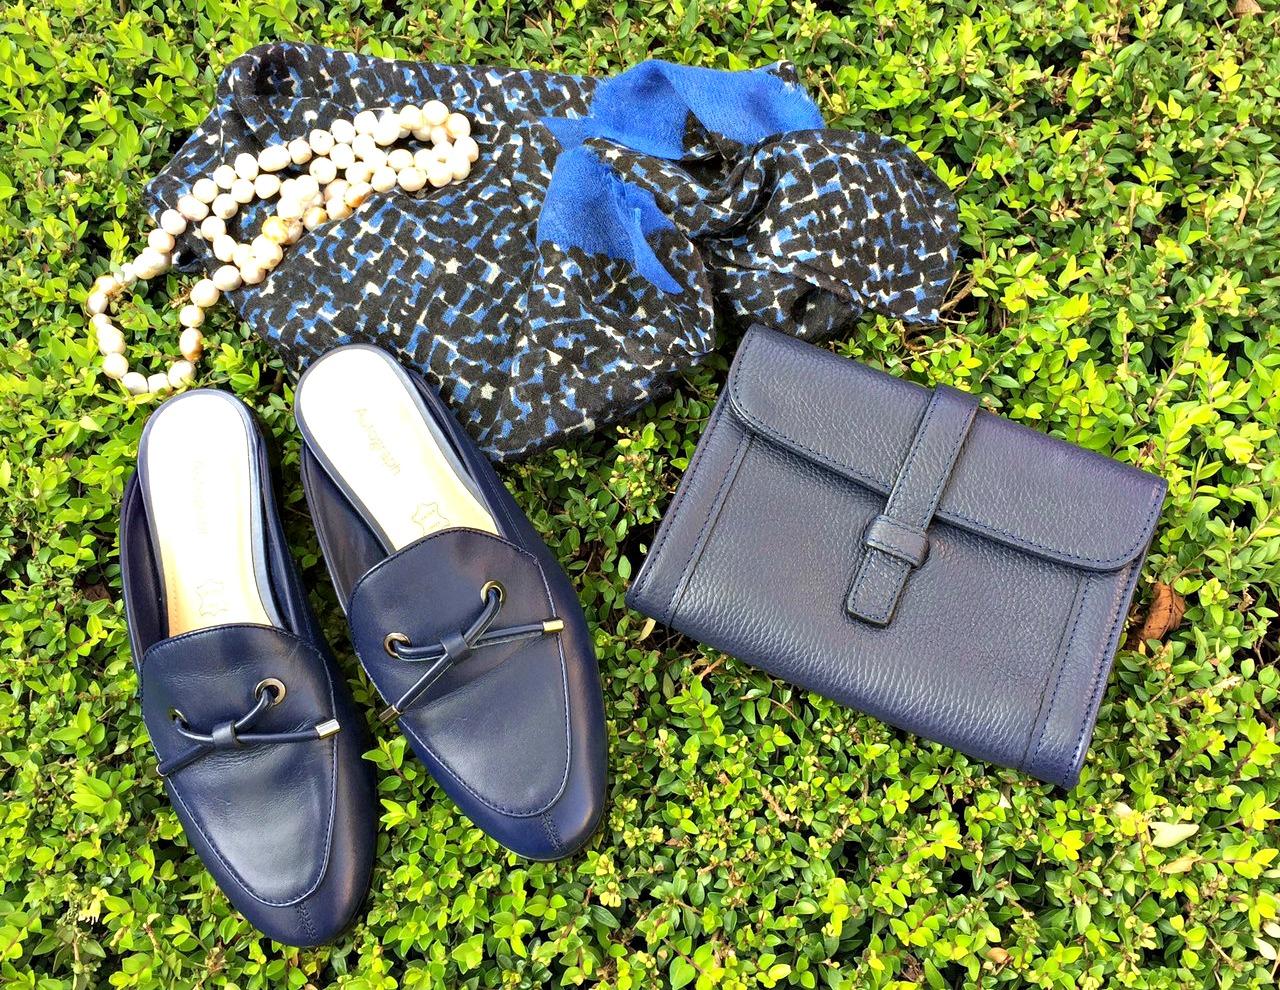 Spring/Summer shoe trend